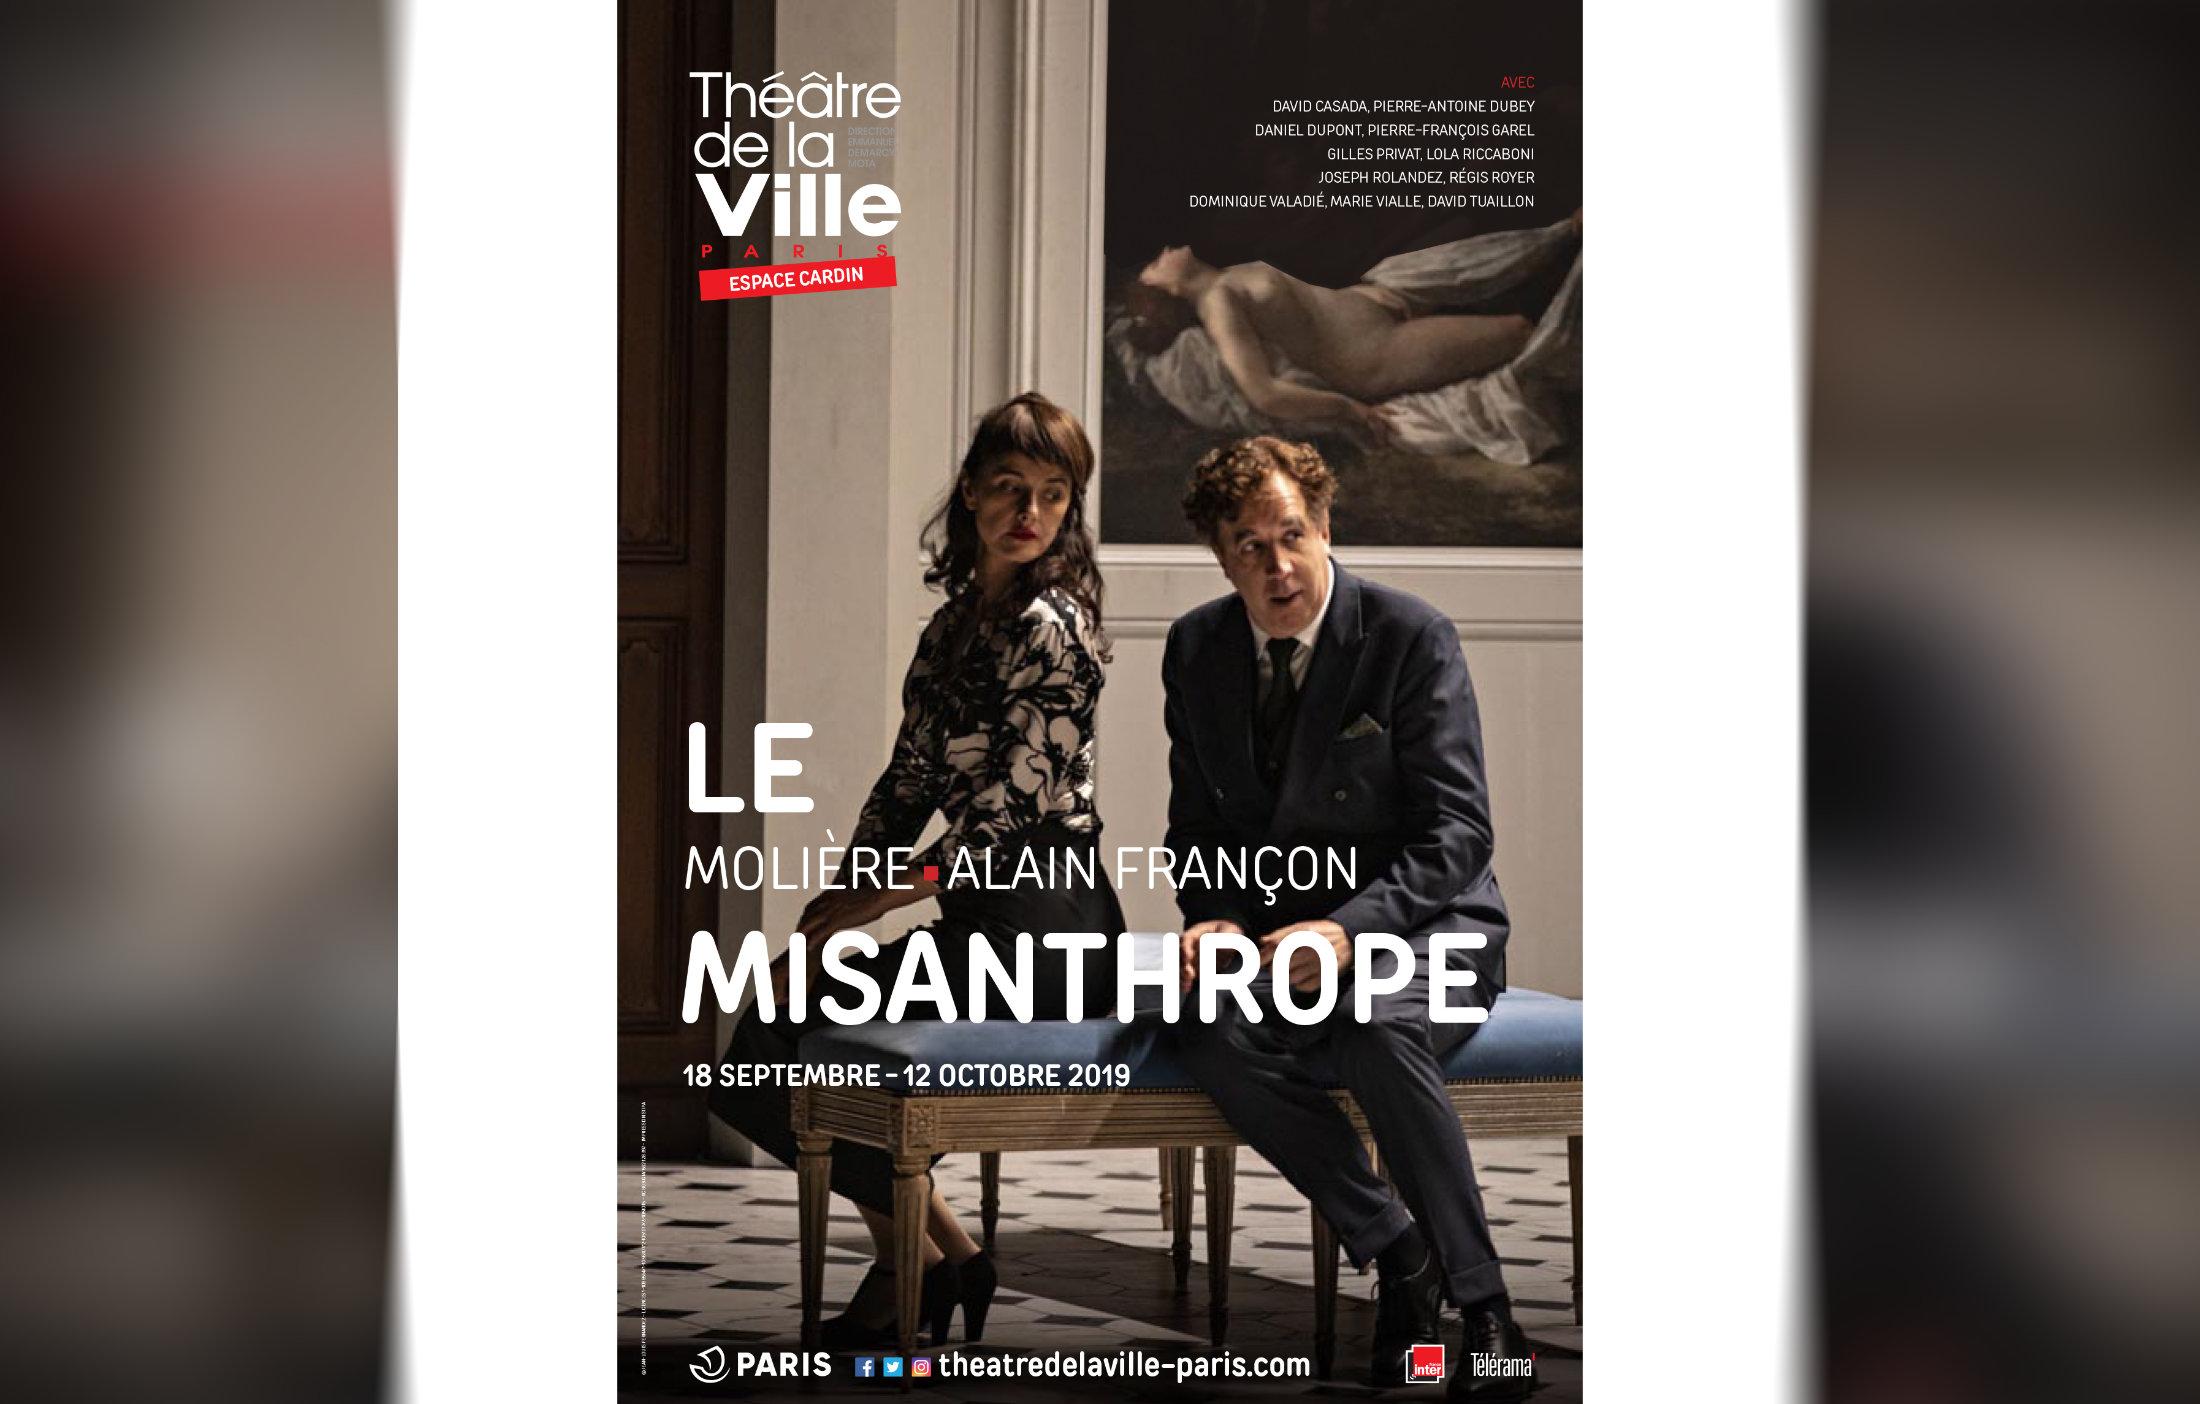 Theatre-des-nuages-de-neige-Le-Misanthrope-de-Moliere@2x